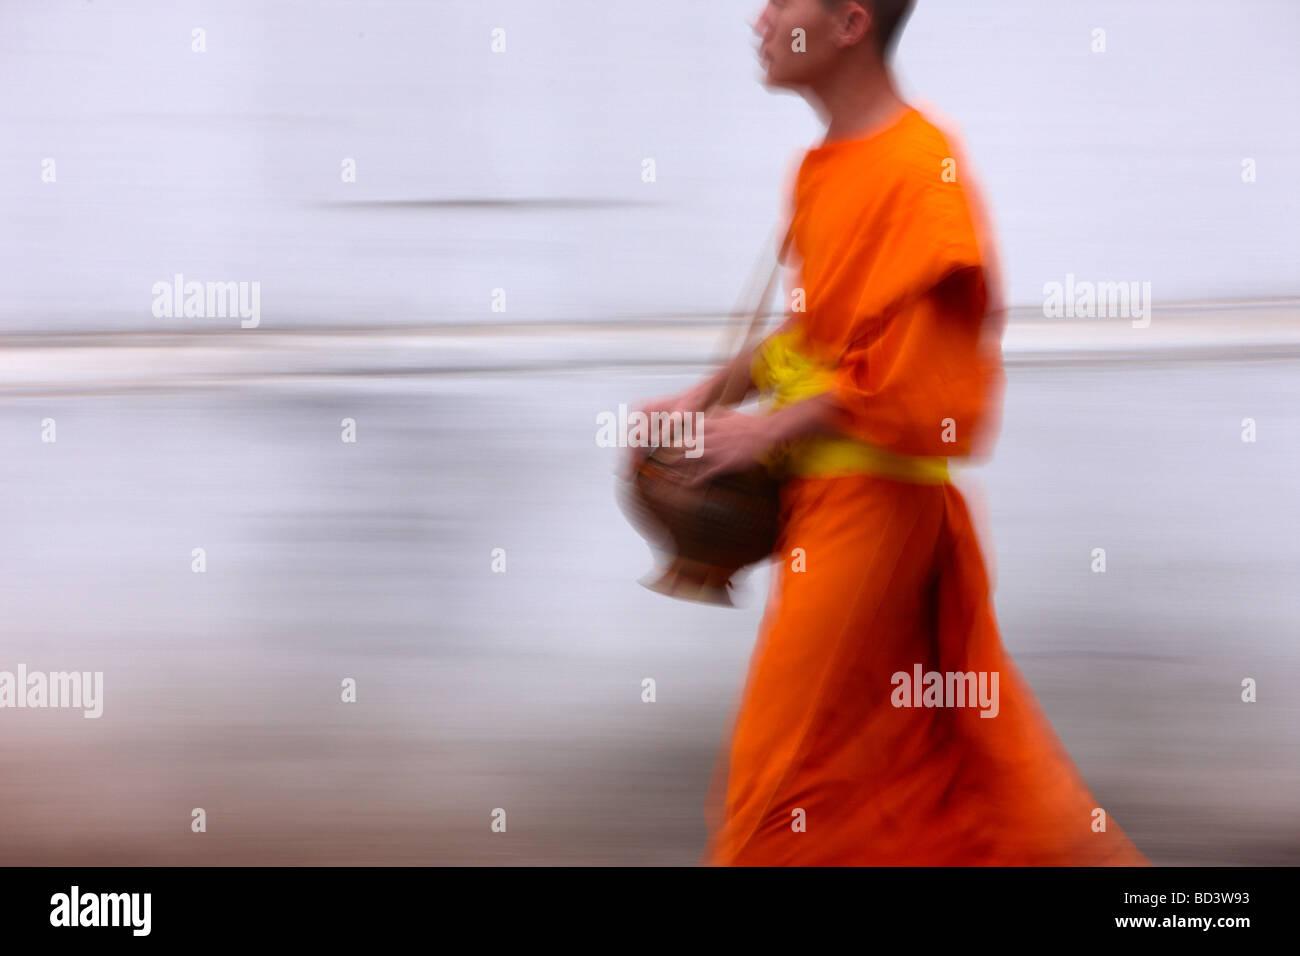 I monaci a piedi attraverso le strade all'alba per raccogliere doni alimentari, Luang Prabang, Laos Immagini Stock